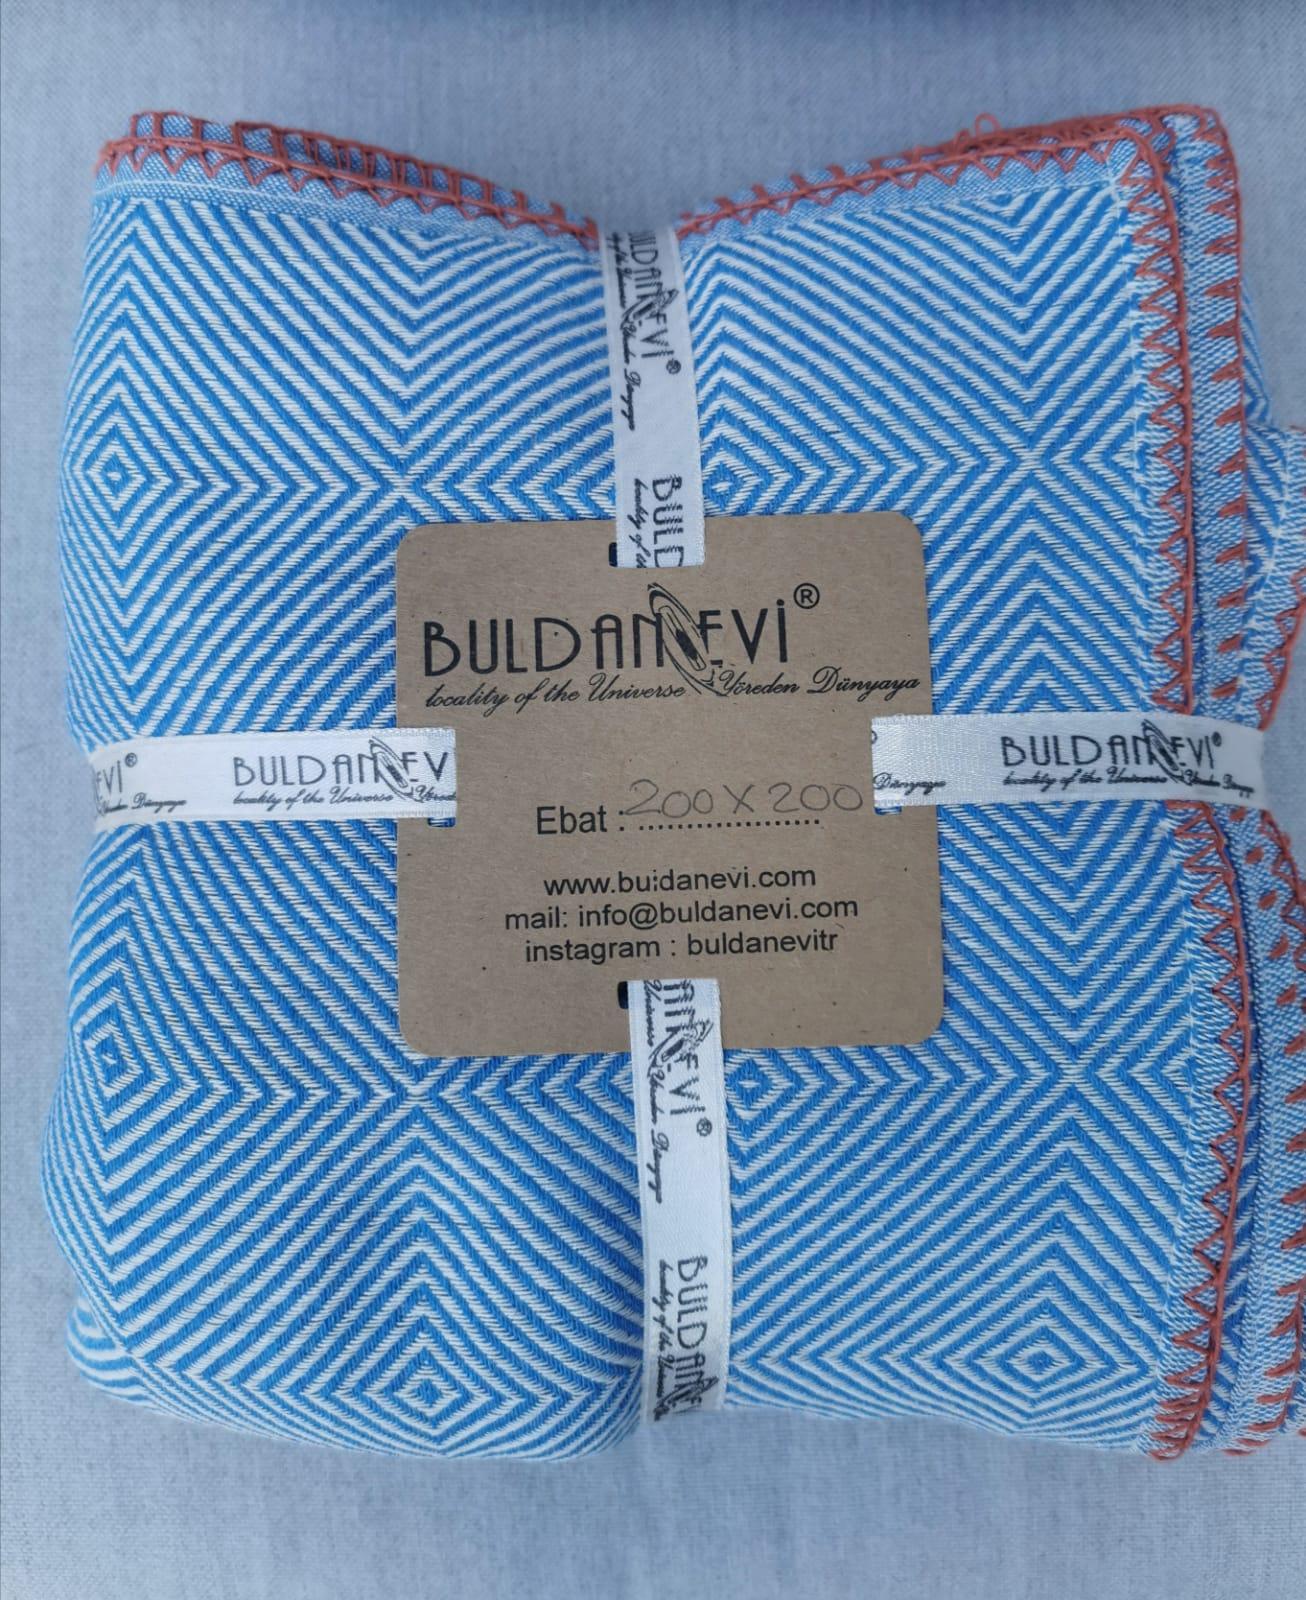 deken-plaid-blauw-hamamdoekxl-wit-met-orange-stiksels-van-katoen-200×200-200